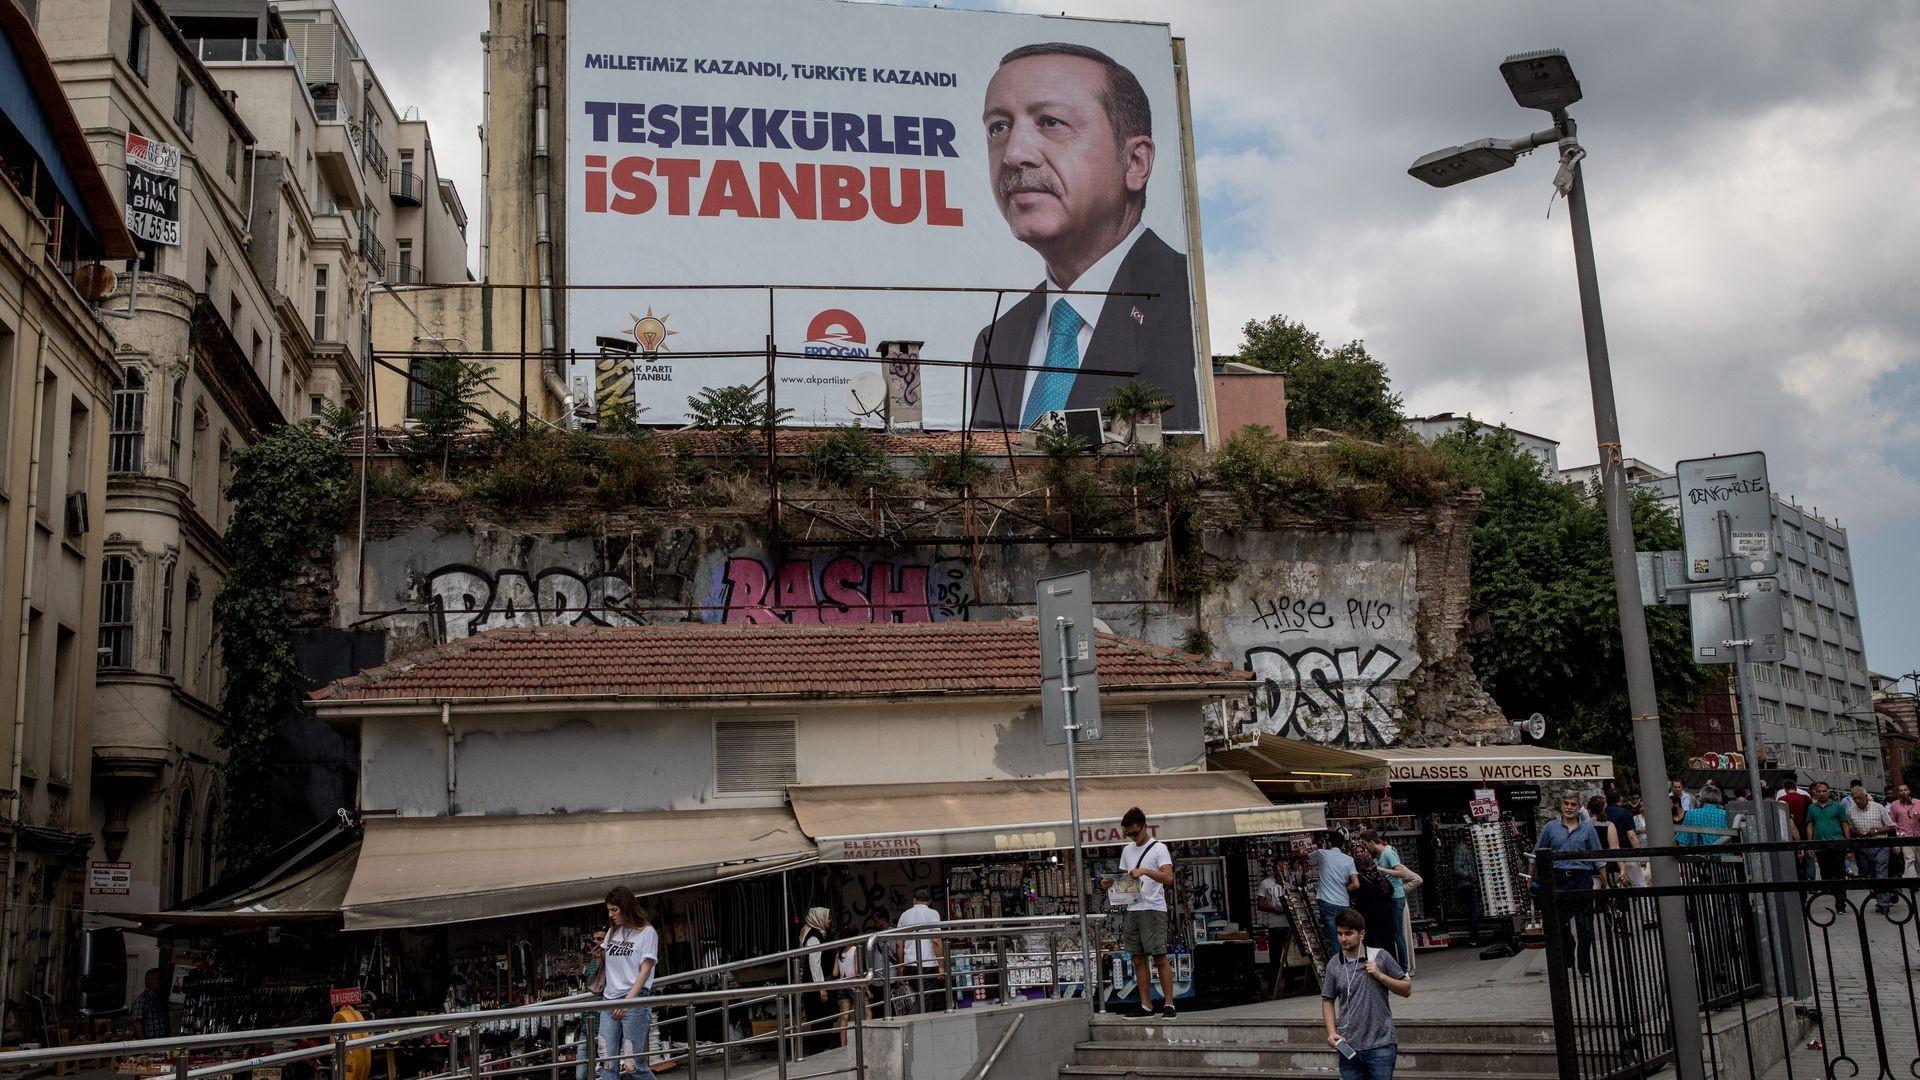 مني حزب العدالة والتنمية بخسارة في إسطنبول يسعى إردوغان إلى تعويضها بأصوات الأكراد (أ ب)